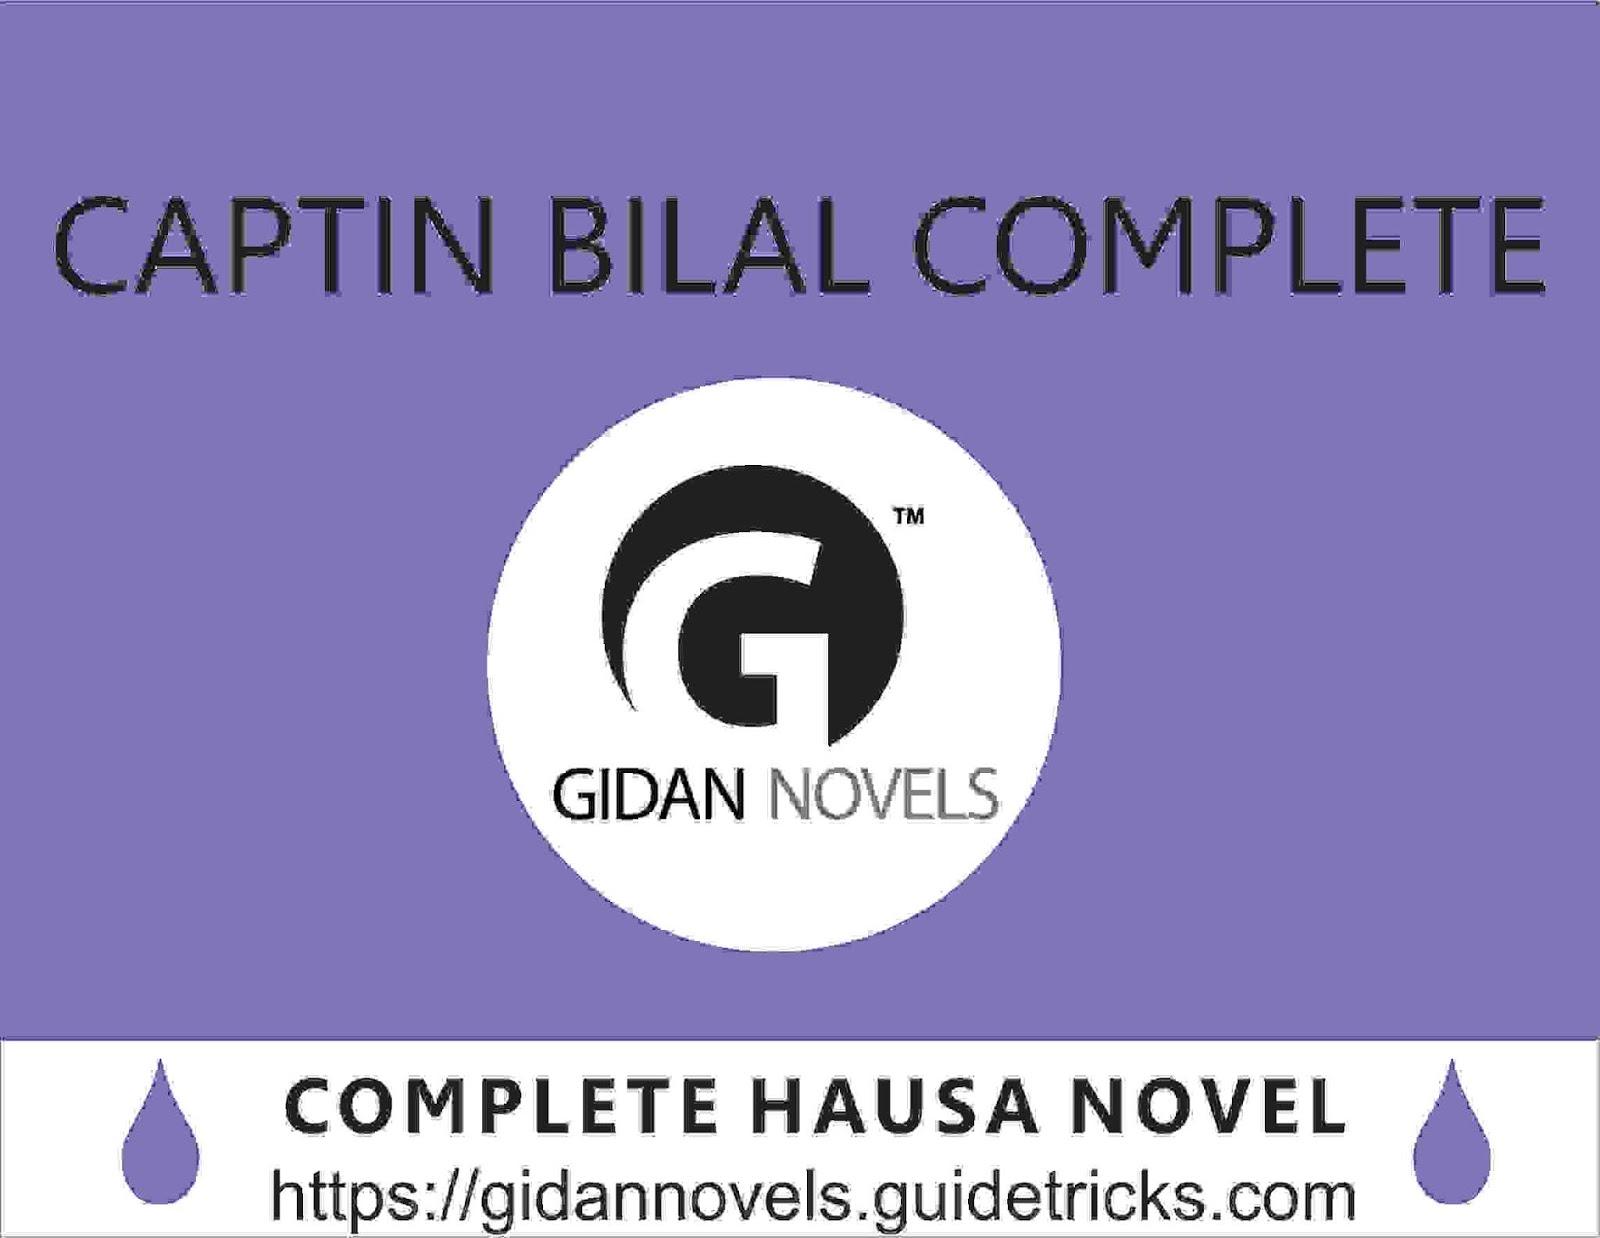 CAPTIN BILAL COMPLETE HAUSA NOVEL - Gidan Labarai